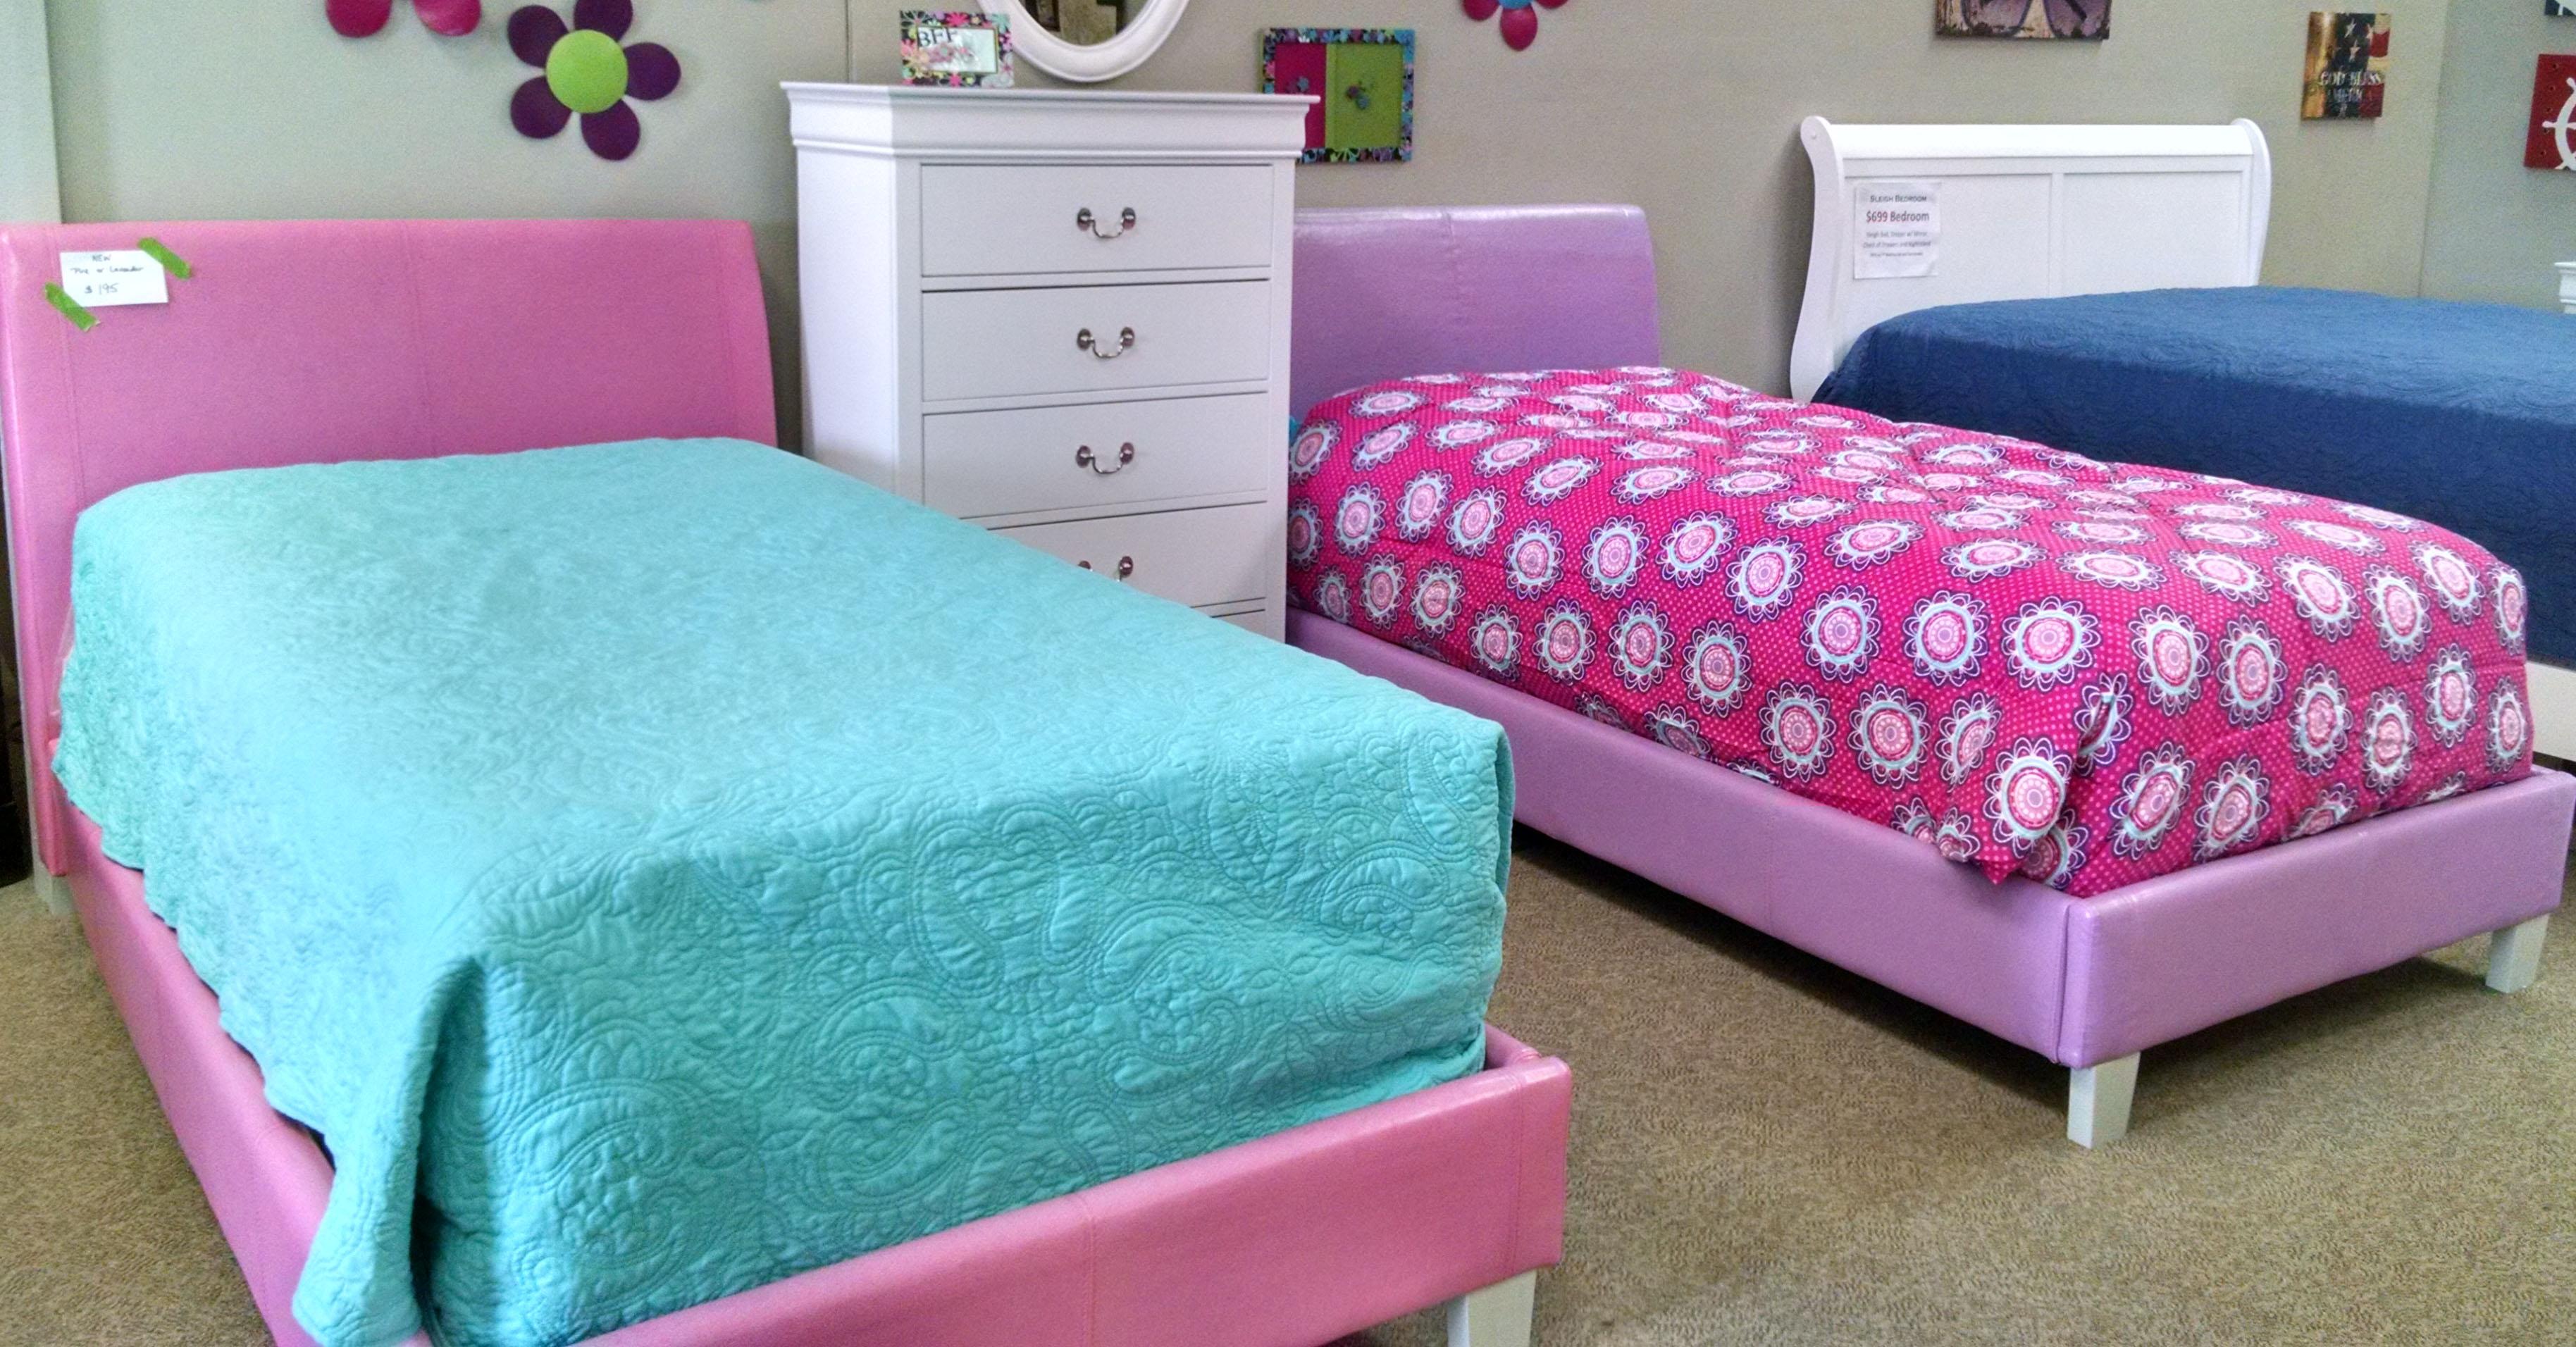 Pink or Lavender Platform Bed